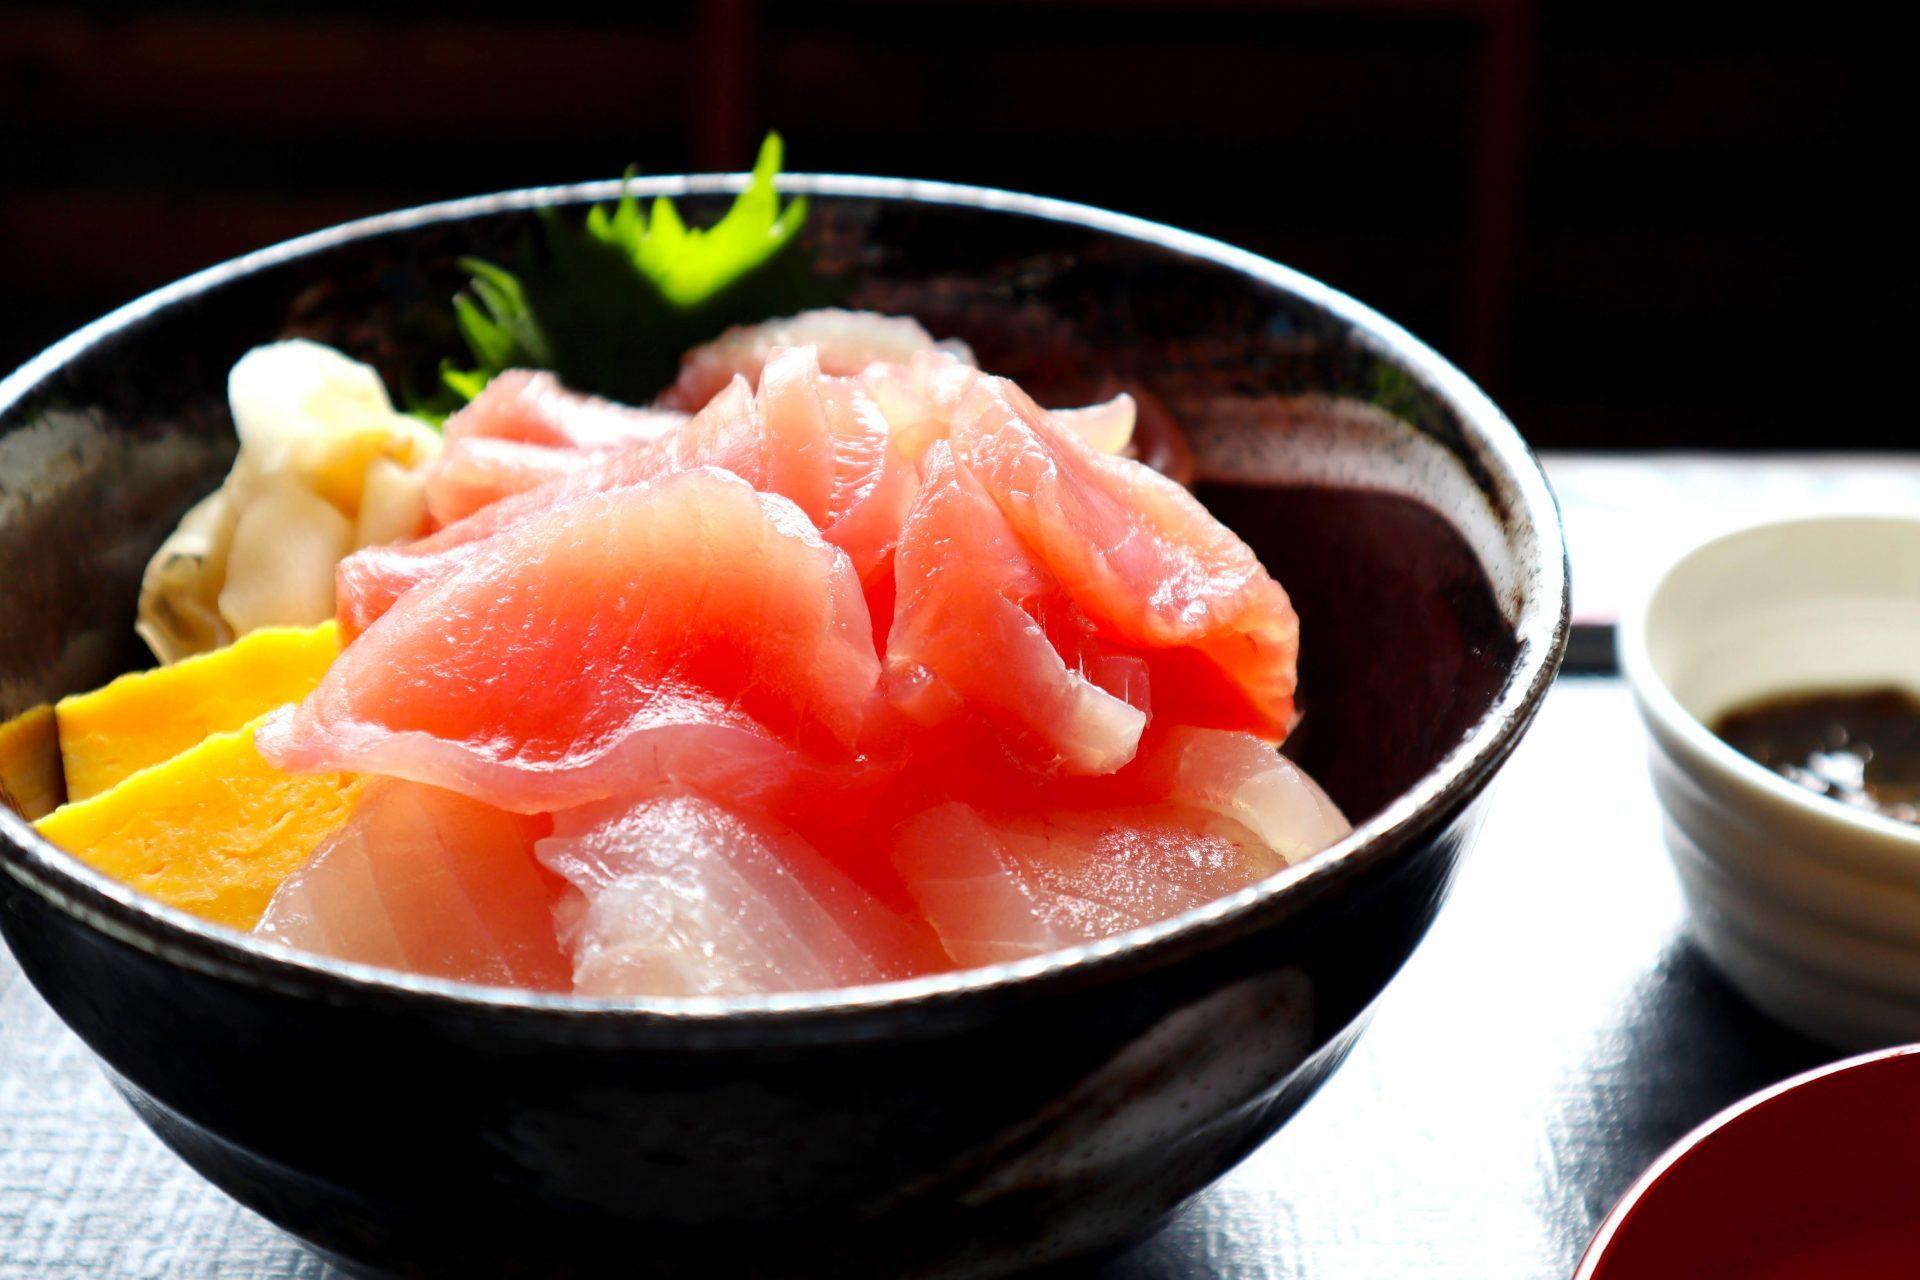 名護漁港食堂 名護市 沖縄 海鮮丼 魚 おすすめ マグロ